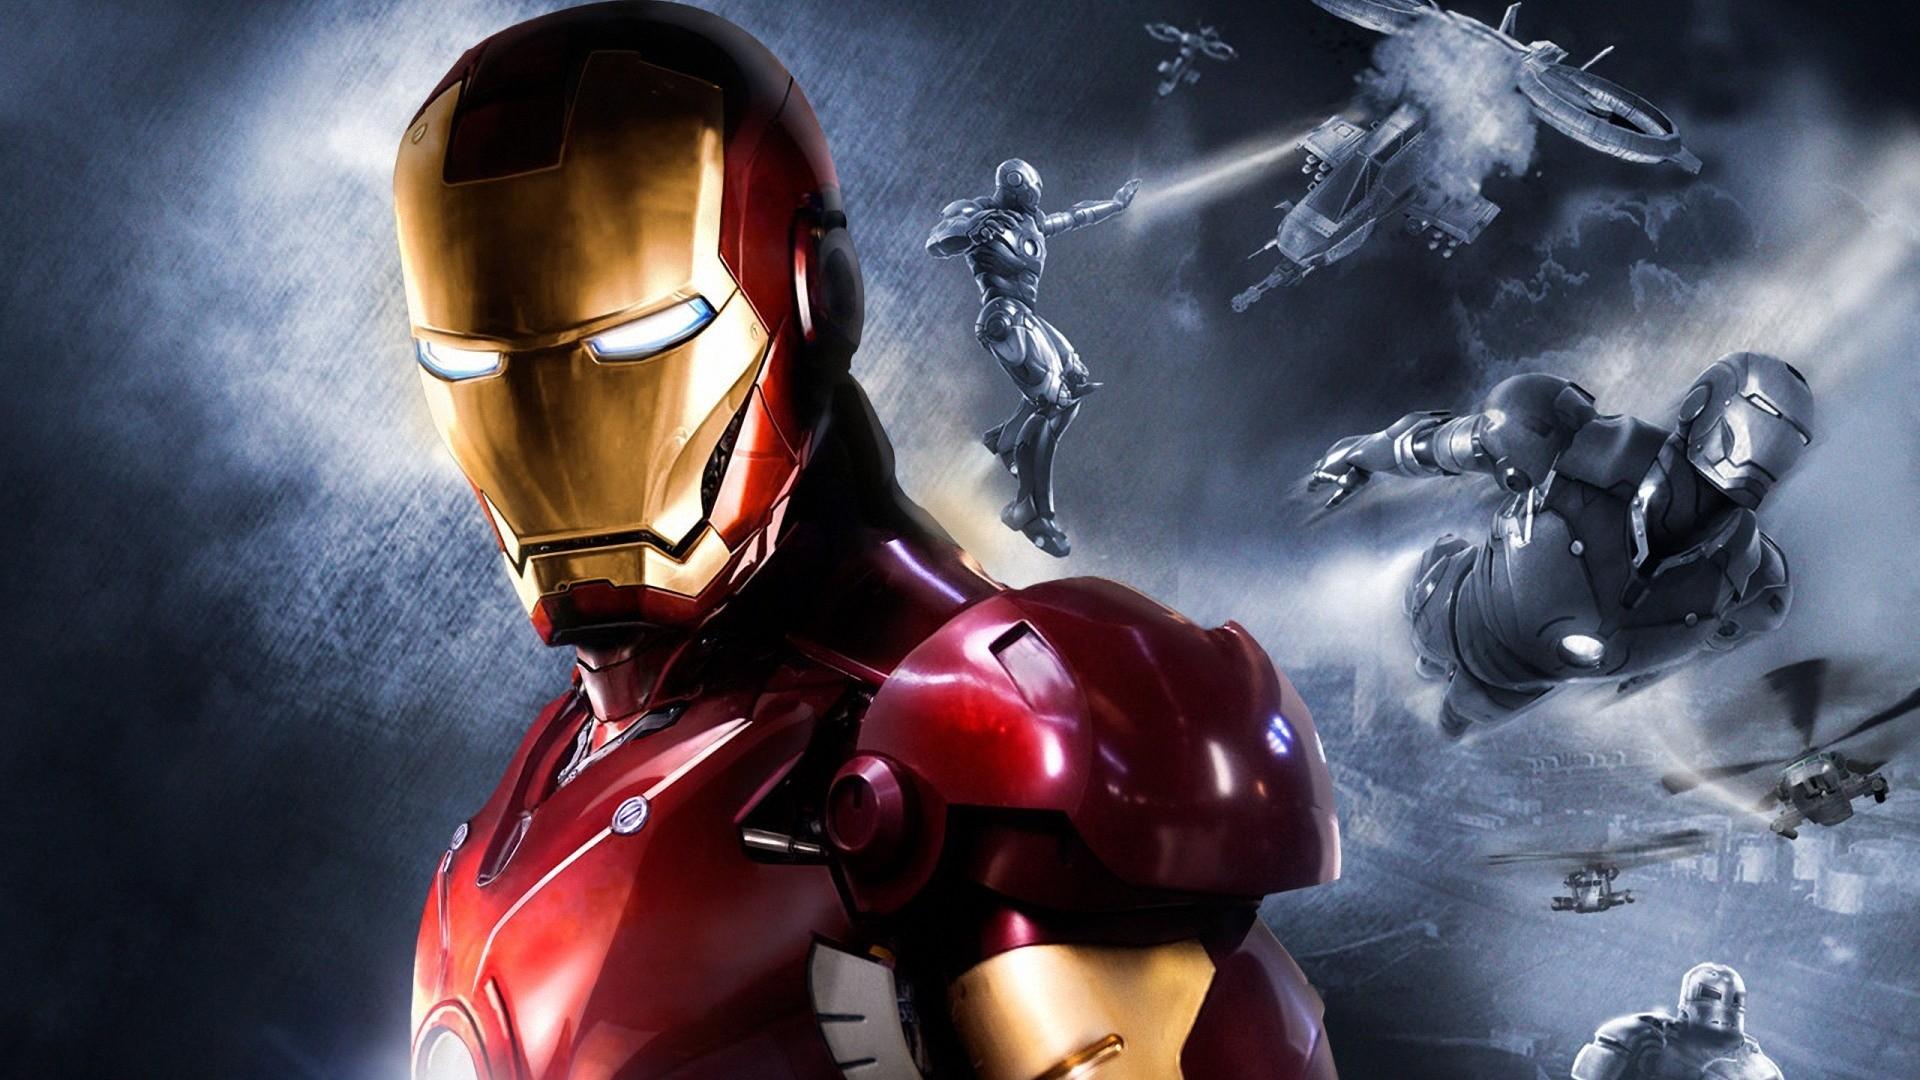 1920x1080 Iron Man HD desktop wallpaper Widescreen High Definition · Download · 2560x1600 HD .